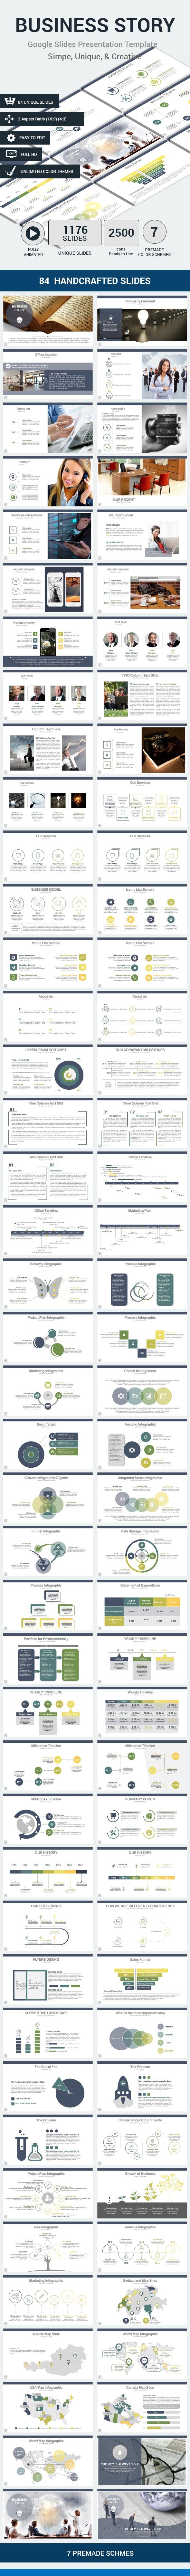 Business Story Google Slides Presentation Template - Google Slides Presentation Templates